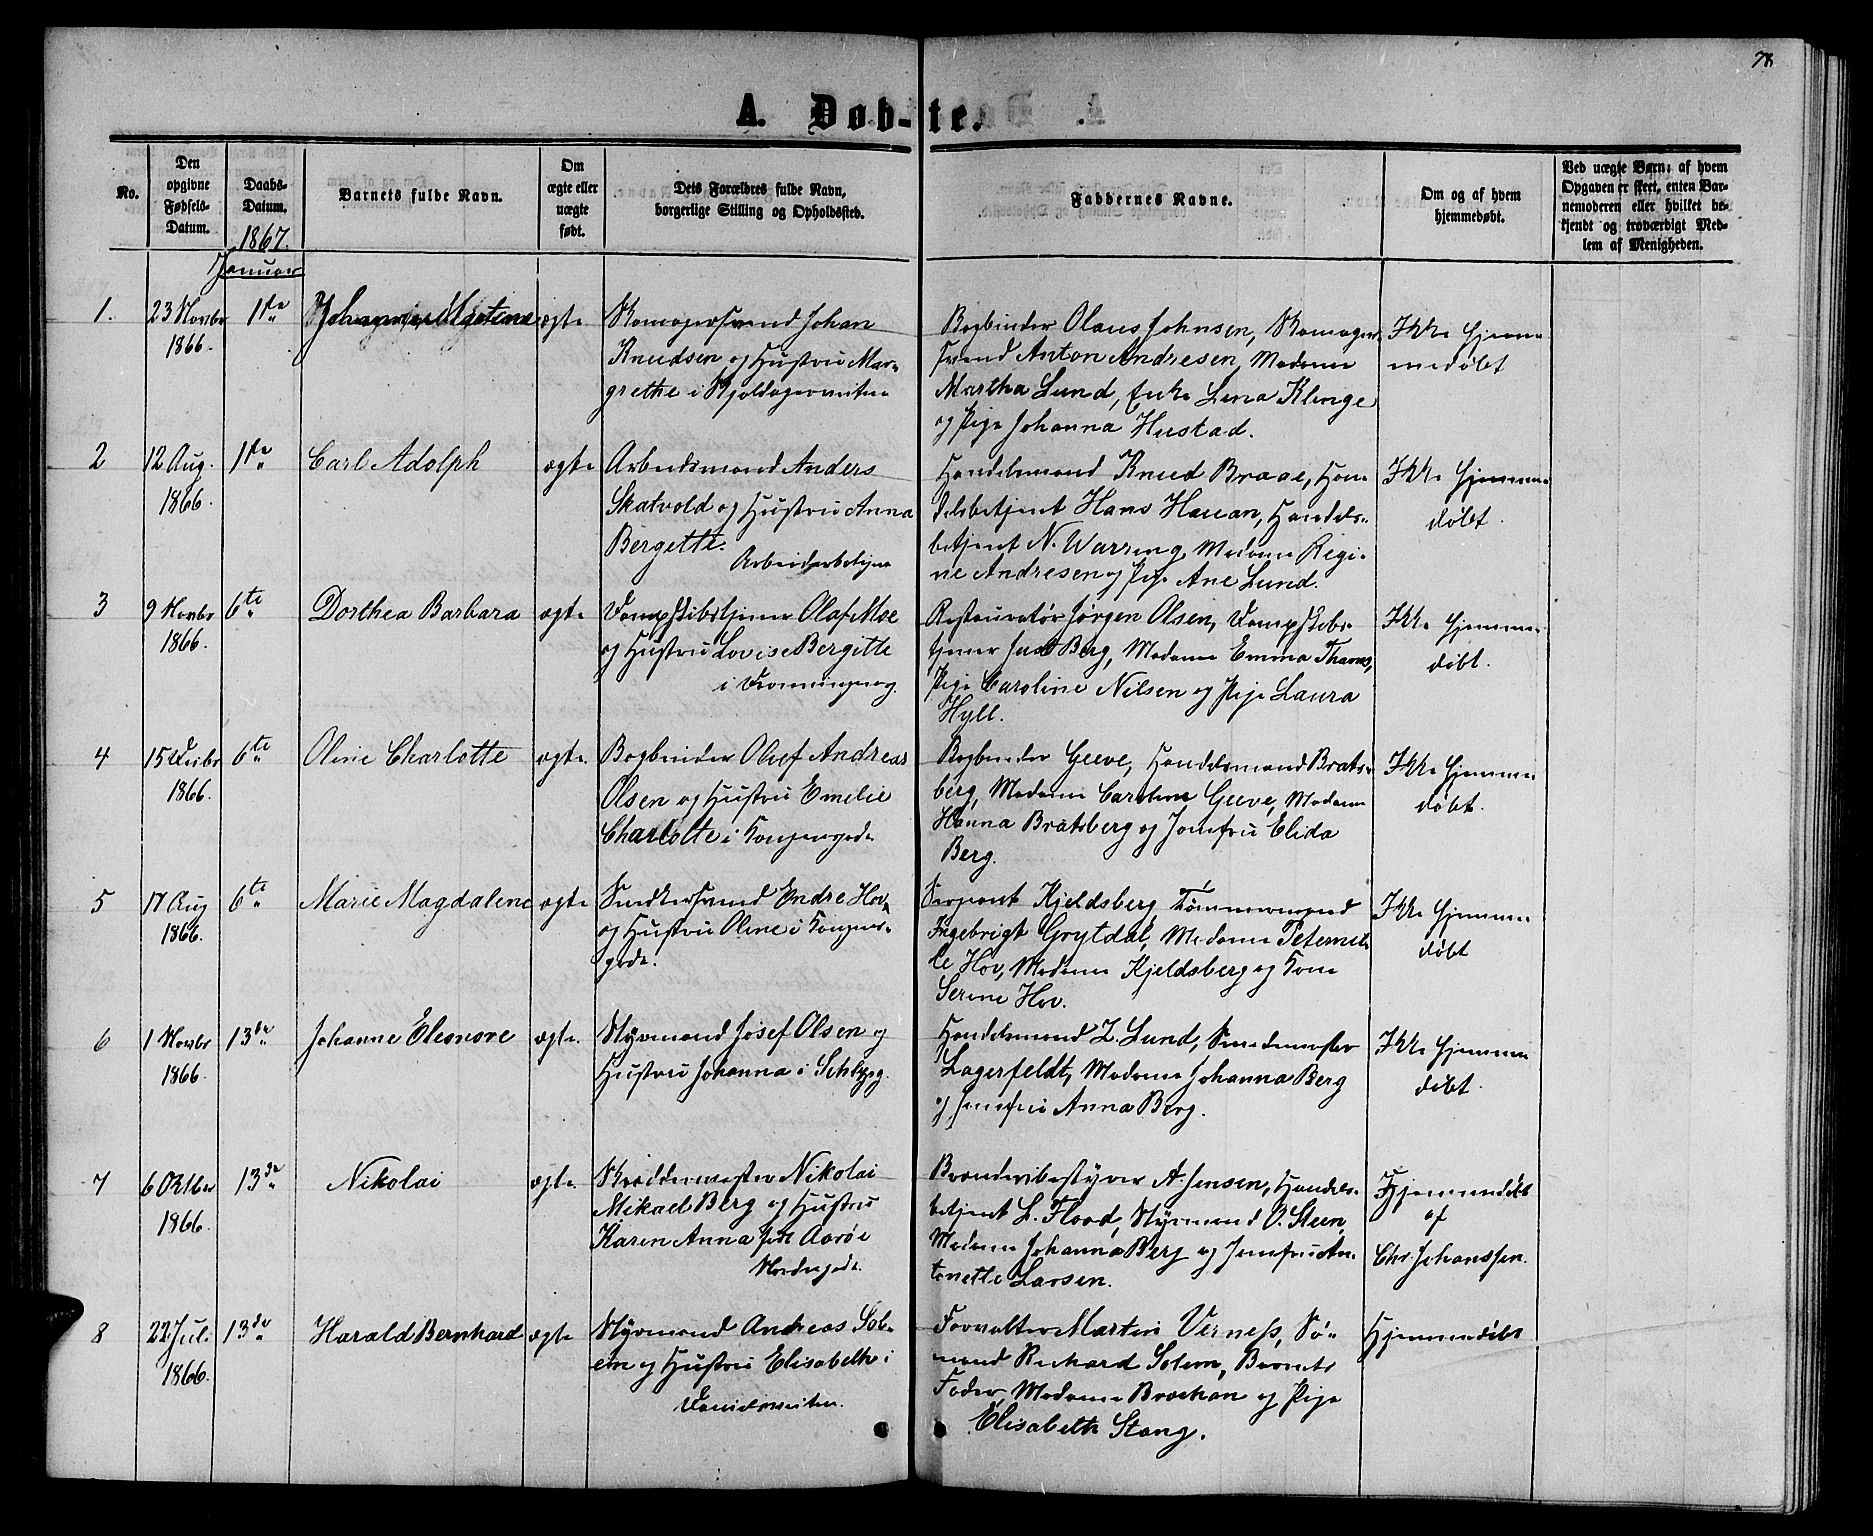 SAT, Ministerialprotokoller, klokkerbøker og fødselsregistre - Sør-Trøndelag, 601/L0087: Klokkerbok nr. 601C05, 1864-1881, s. 78